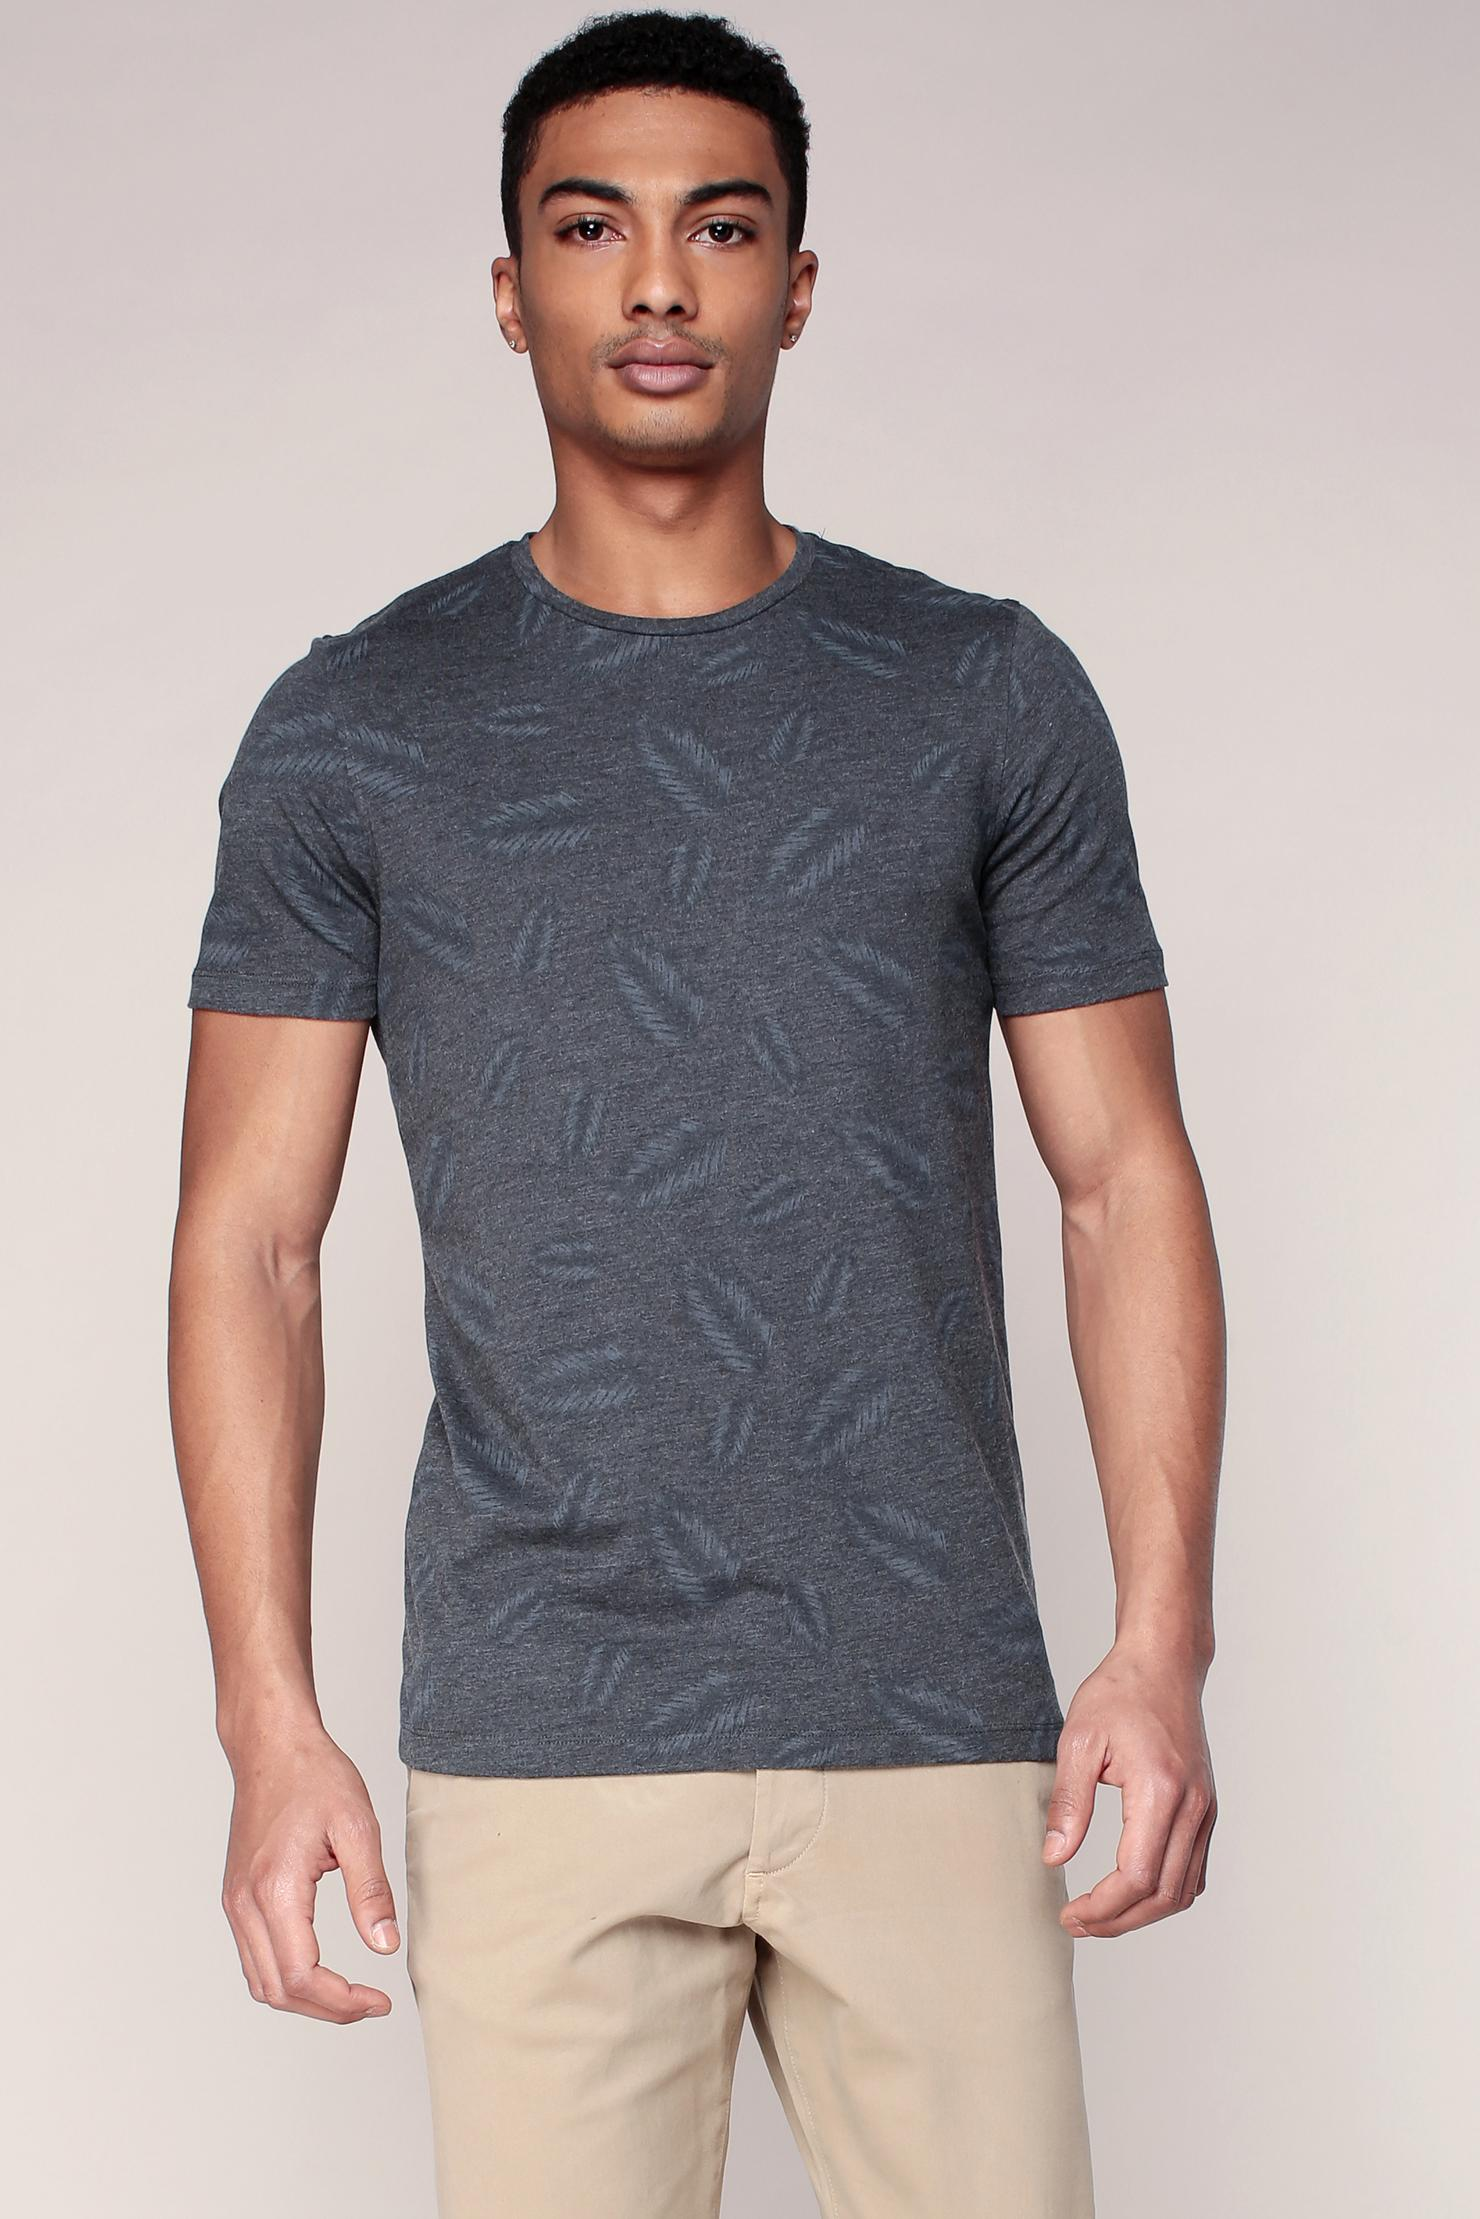 lyst jack jones t shirt in gray for men. Black Bedroom Furniture Sets. Home Design Ideas